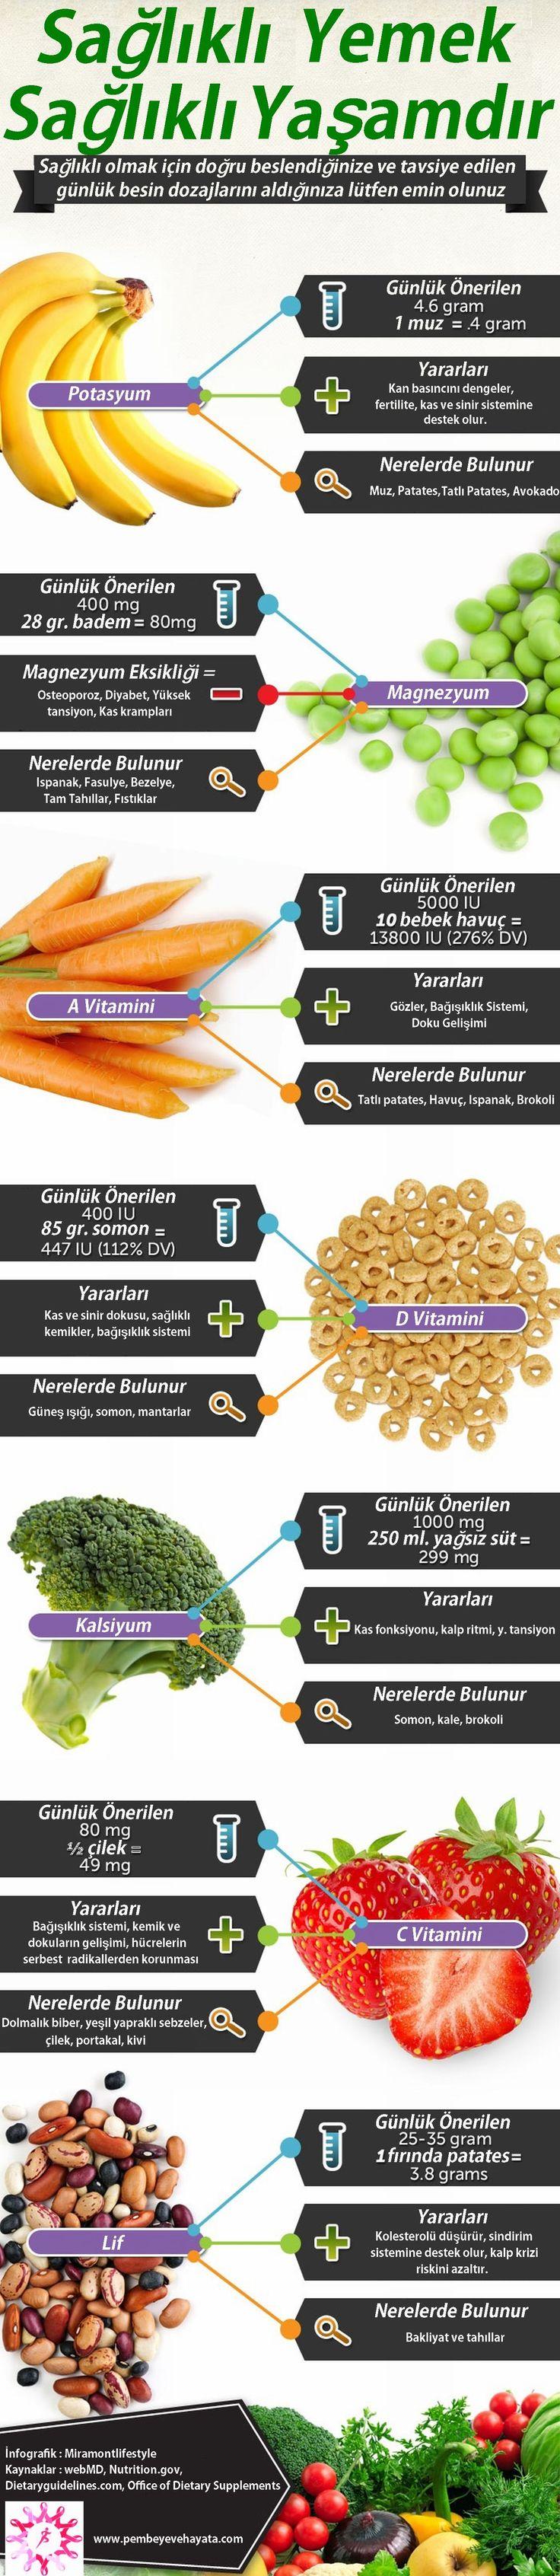 Sağlıklı Yemek Sağlıklı Yaşamdır